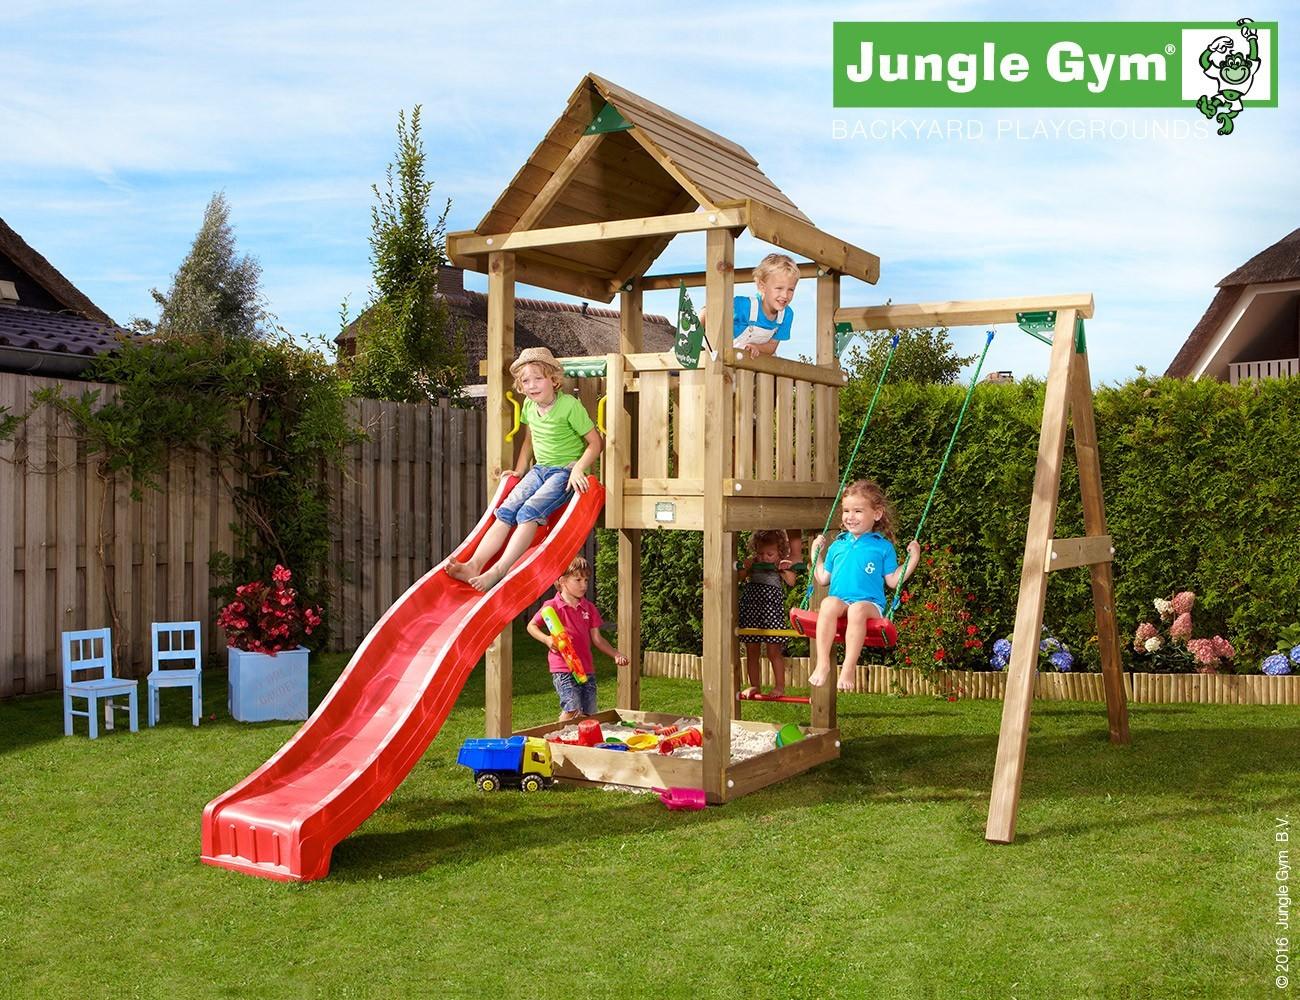 jungle gym lillis house spielturm set mit einzelschaukel rutsche sandkasten ebay. Black Bedroom Furniture Sets. Home Design Ideas